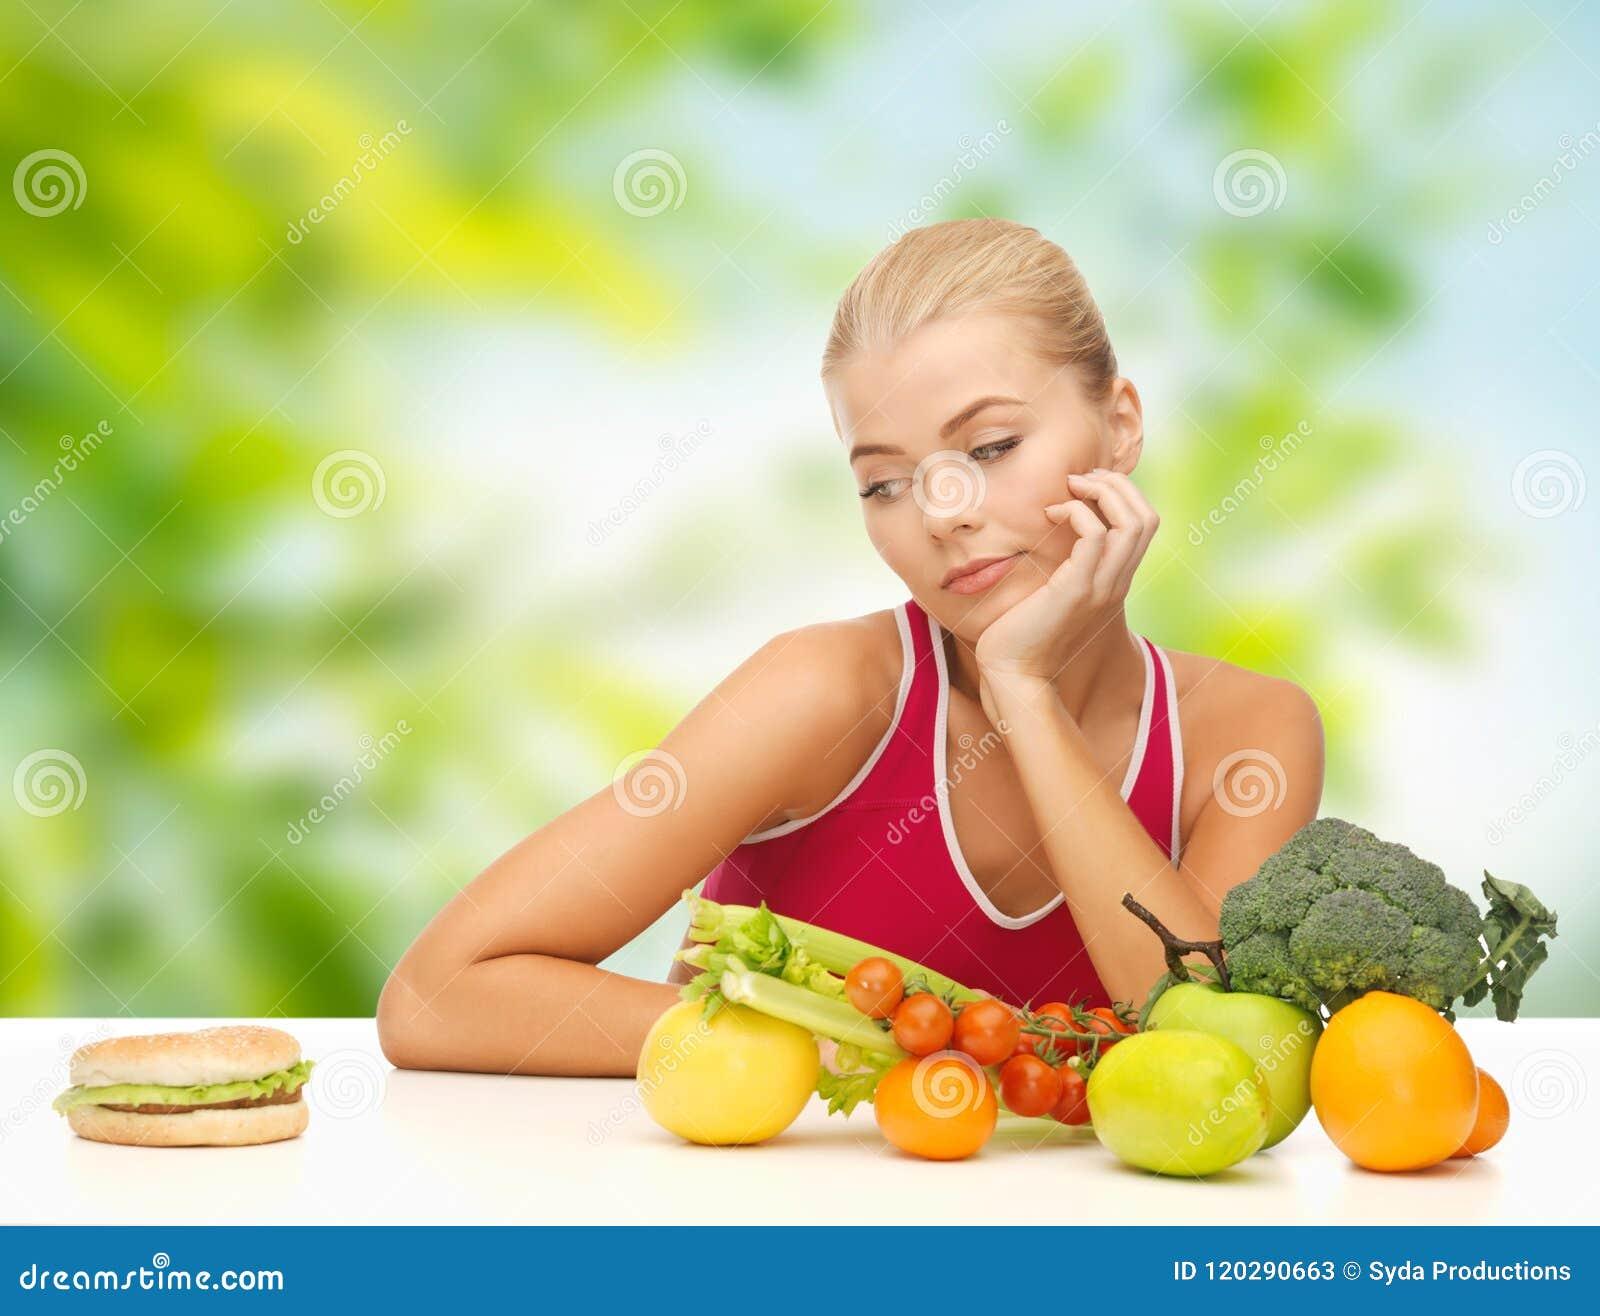 Dubbio della donna con i frutti che esaminano hamburger